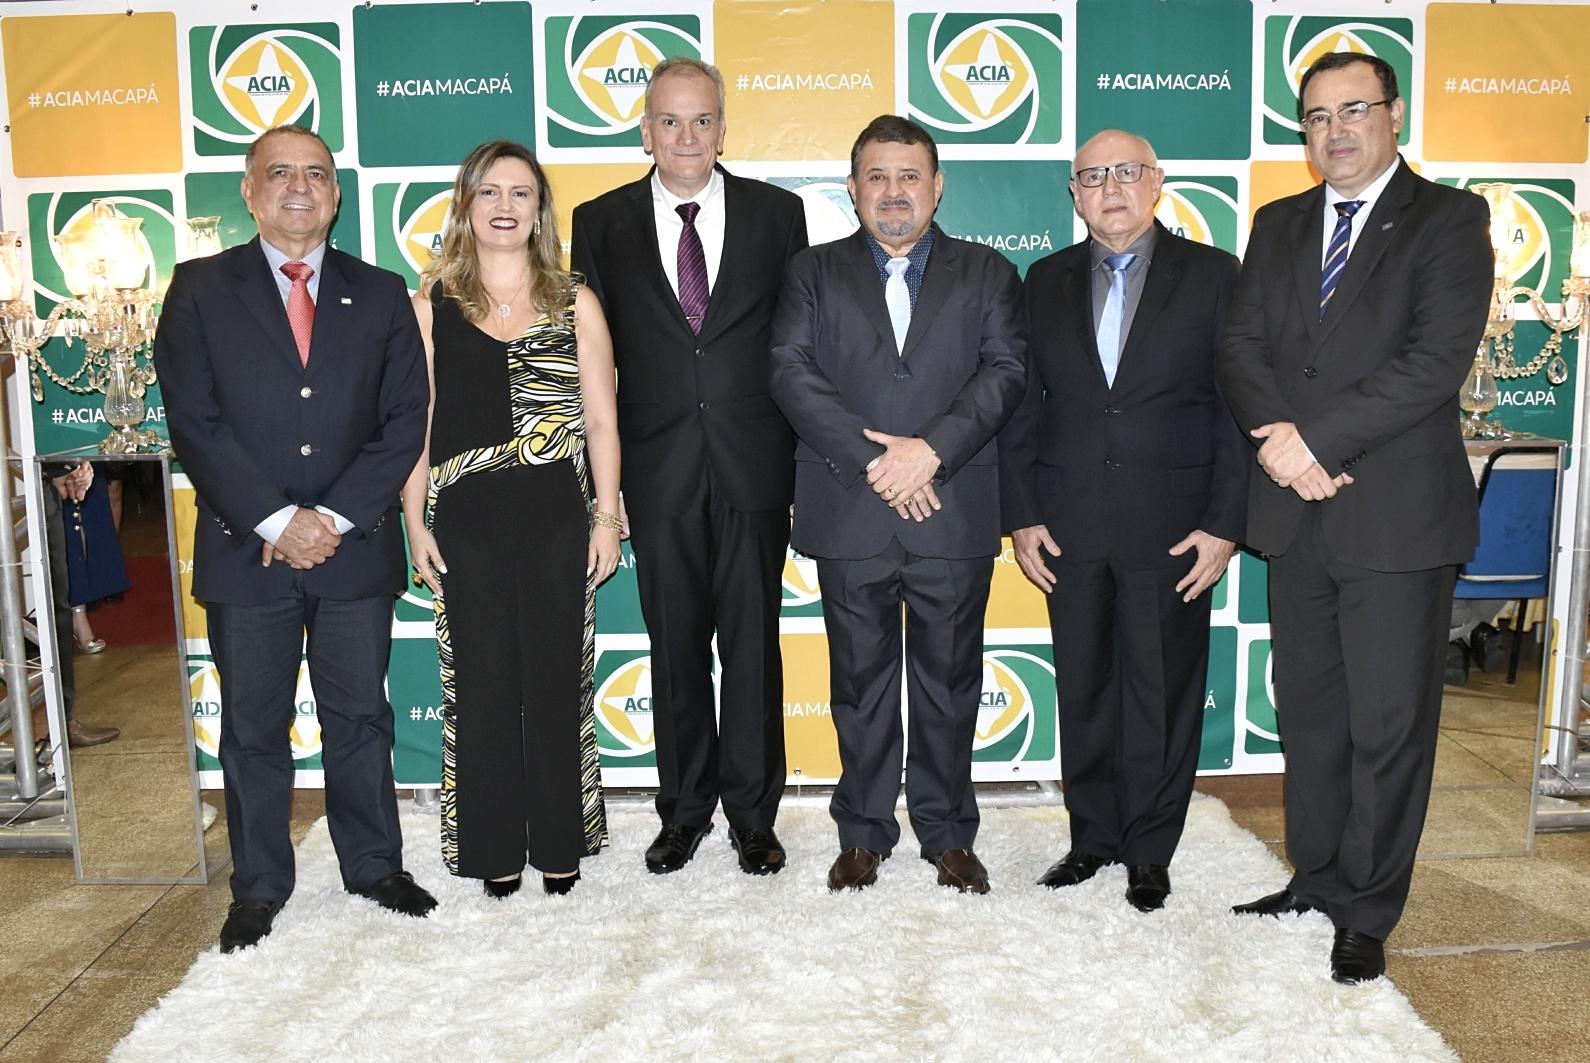 Conselho Deliberativo Do Sebrae Empossa Novos Membros Nesta Quarta